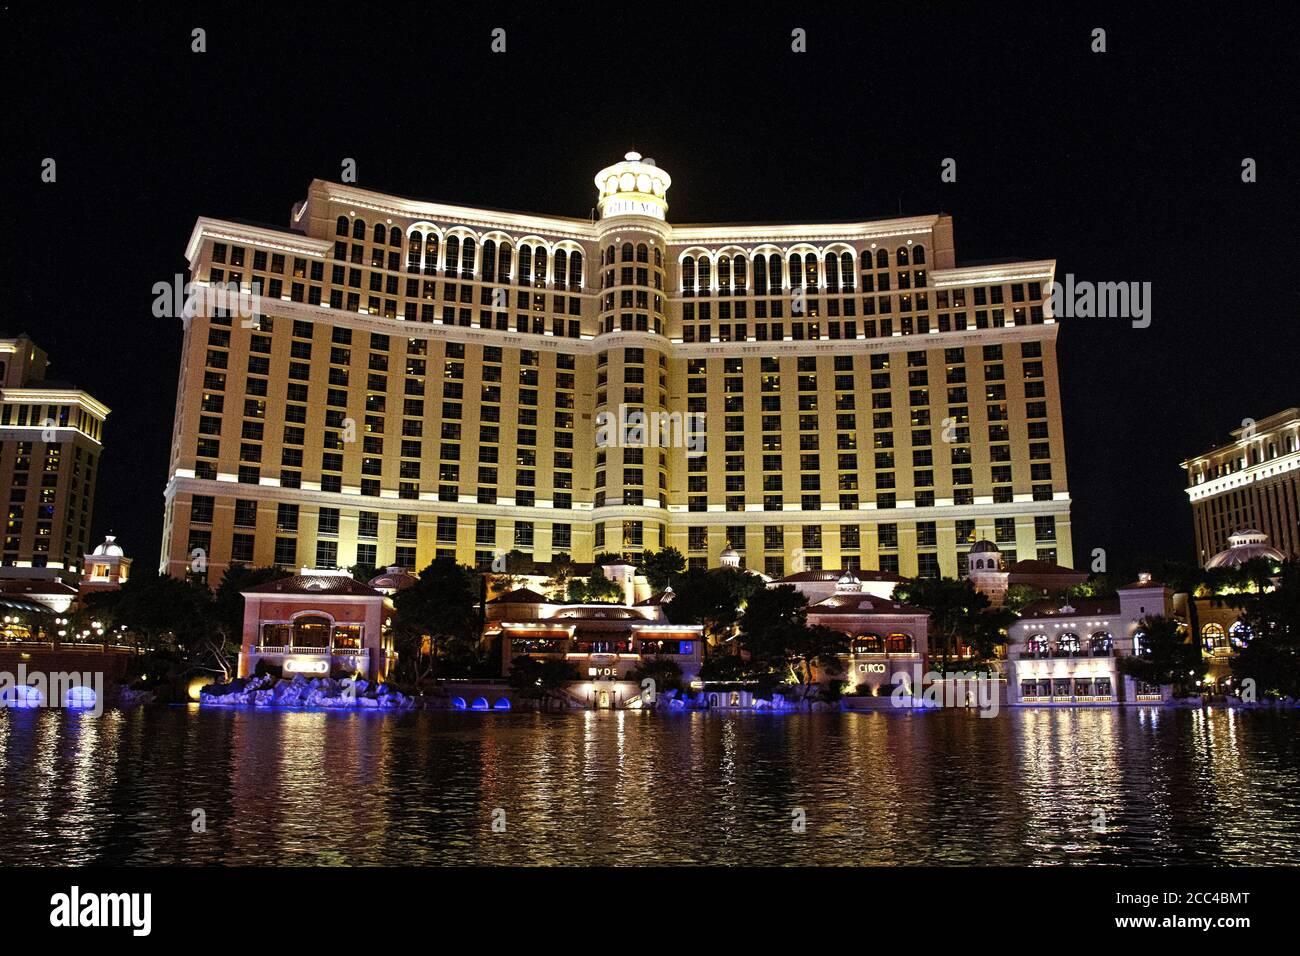 Las Vegas,NV/USA - Sep 16,2018 : Ver los hoteles y casinos de Bellagio en las Vegas, Estados Unidos. Las Vegas es uno de los mejores destinos turísticos del mundo. Foto de stock